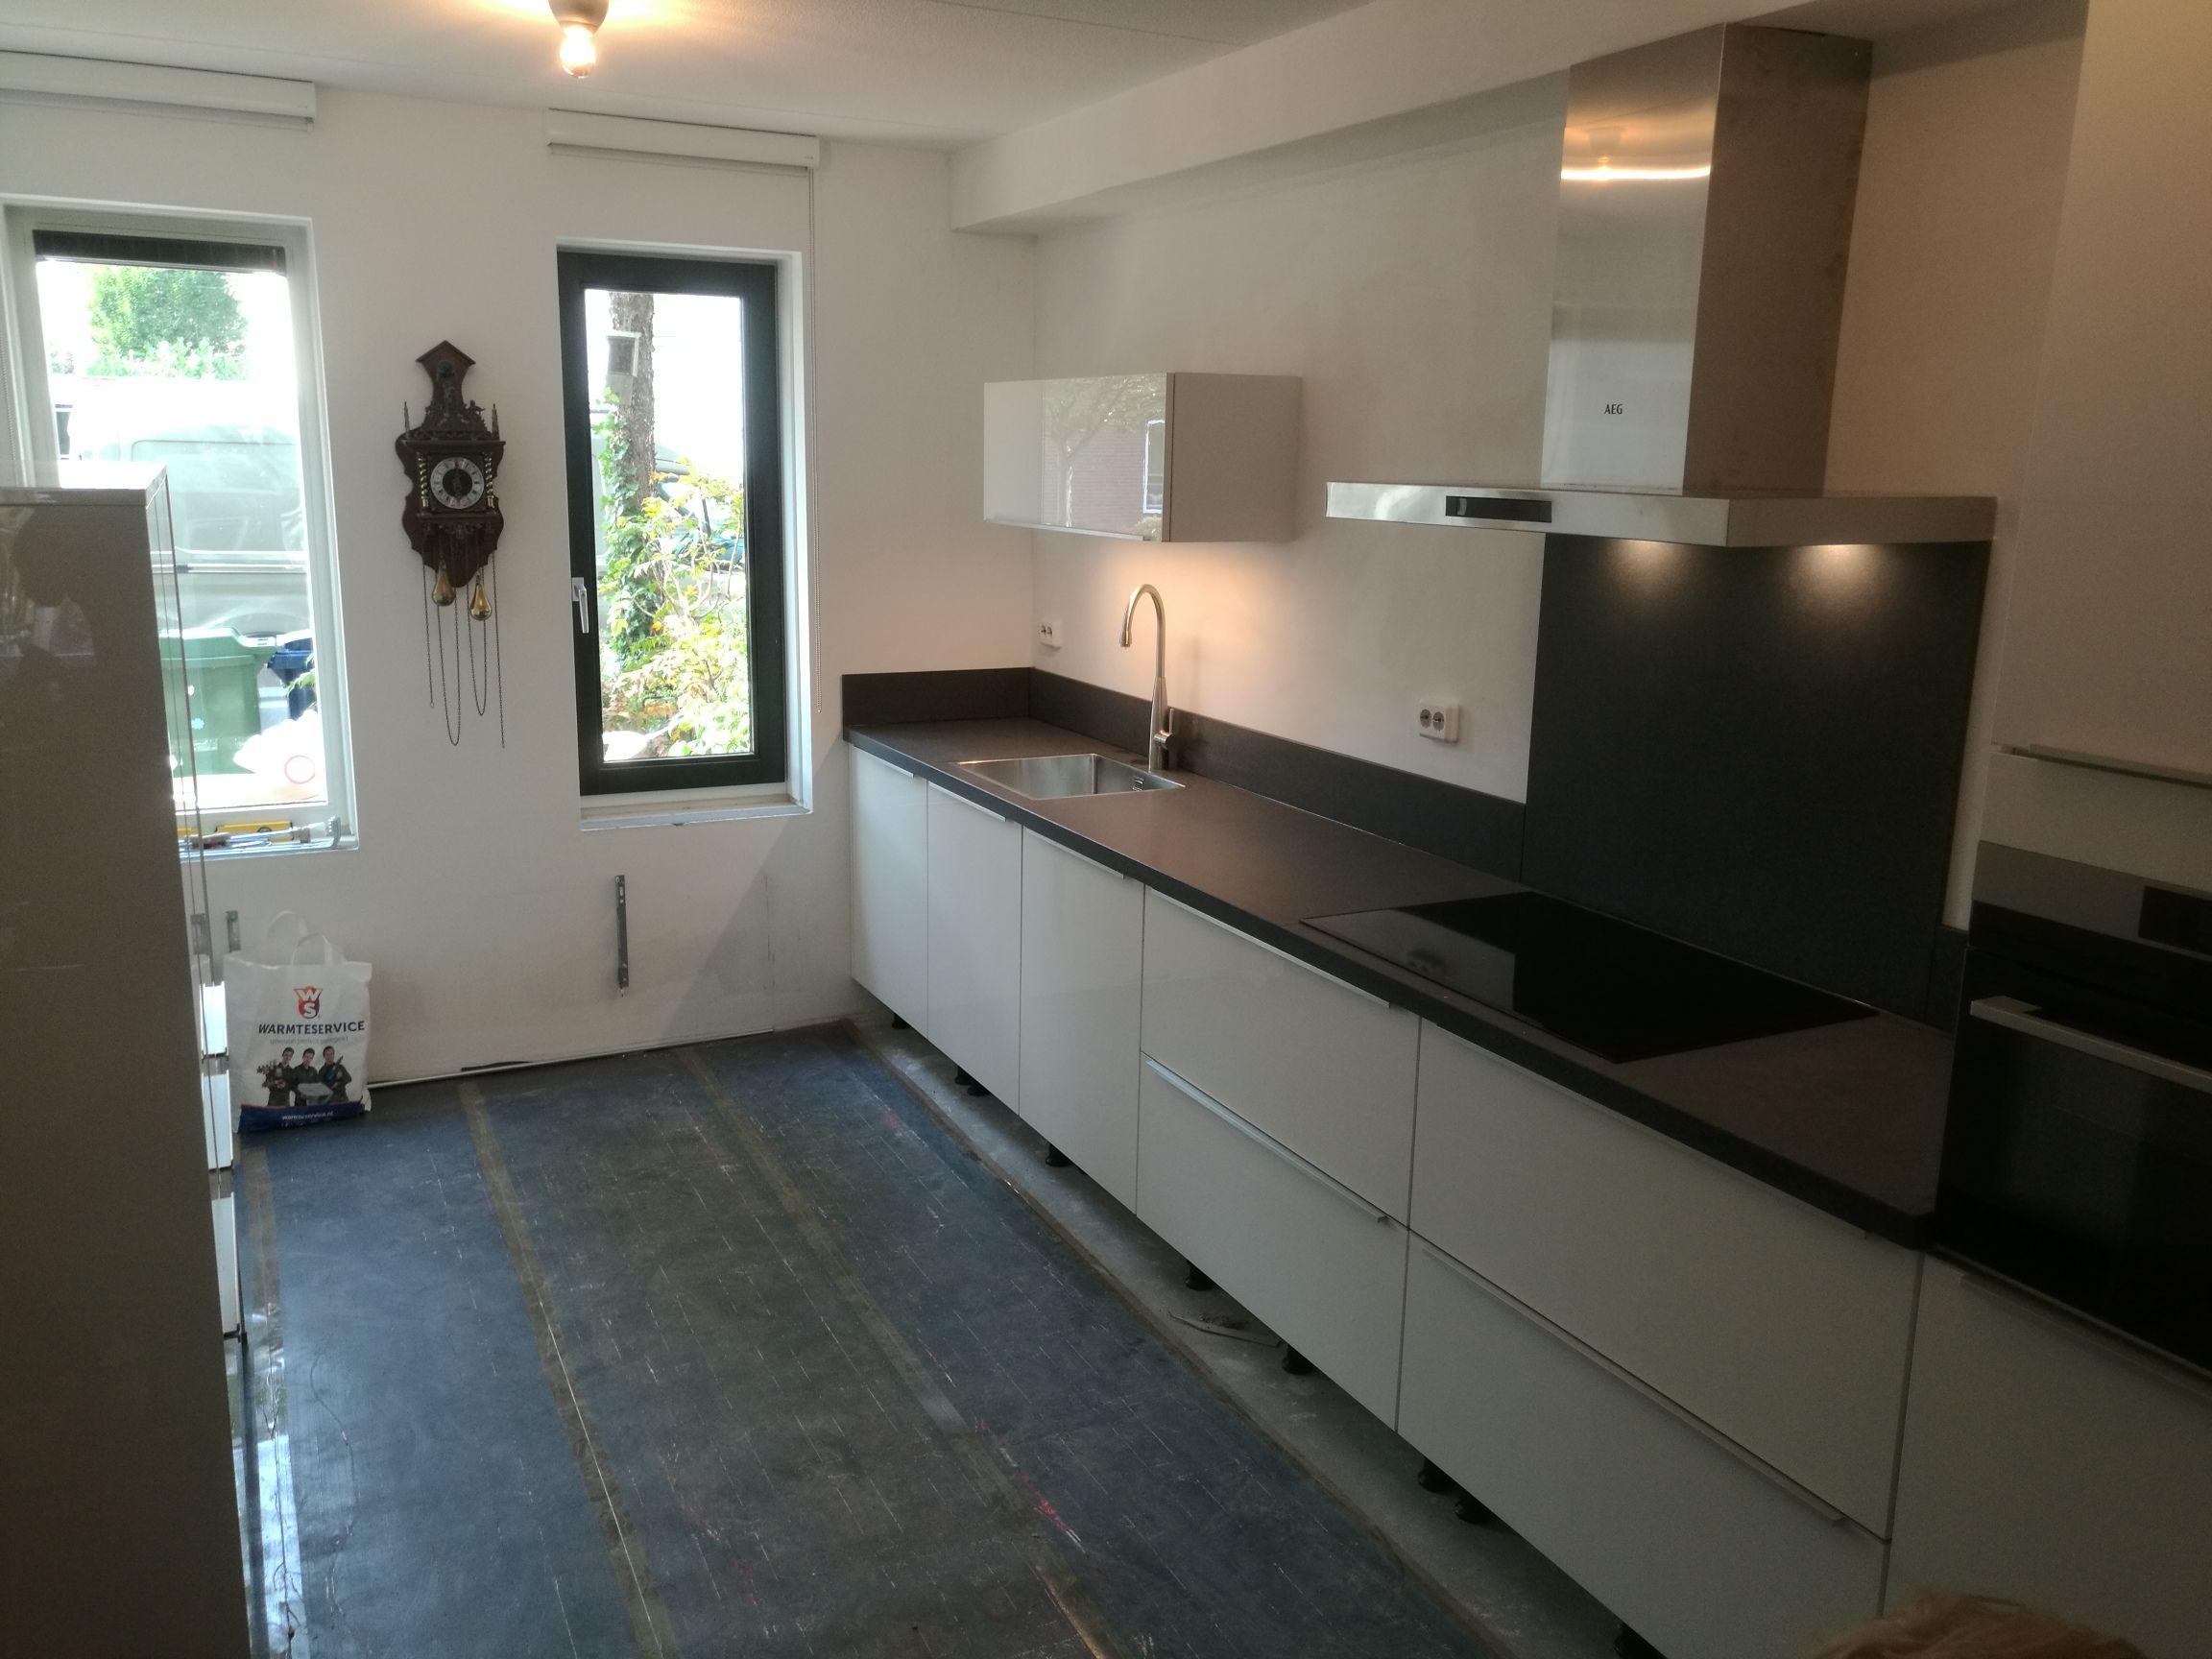 Keuken Zwart Blad : Keuken opgeleverd door keukensale.com almere #strakke #keuken